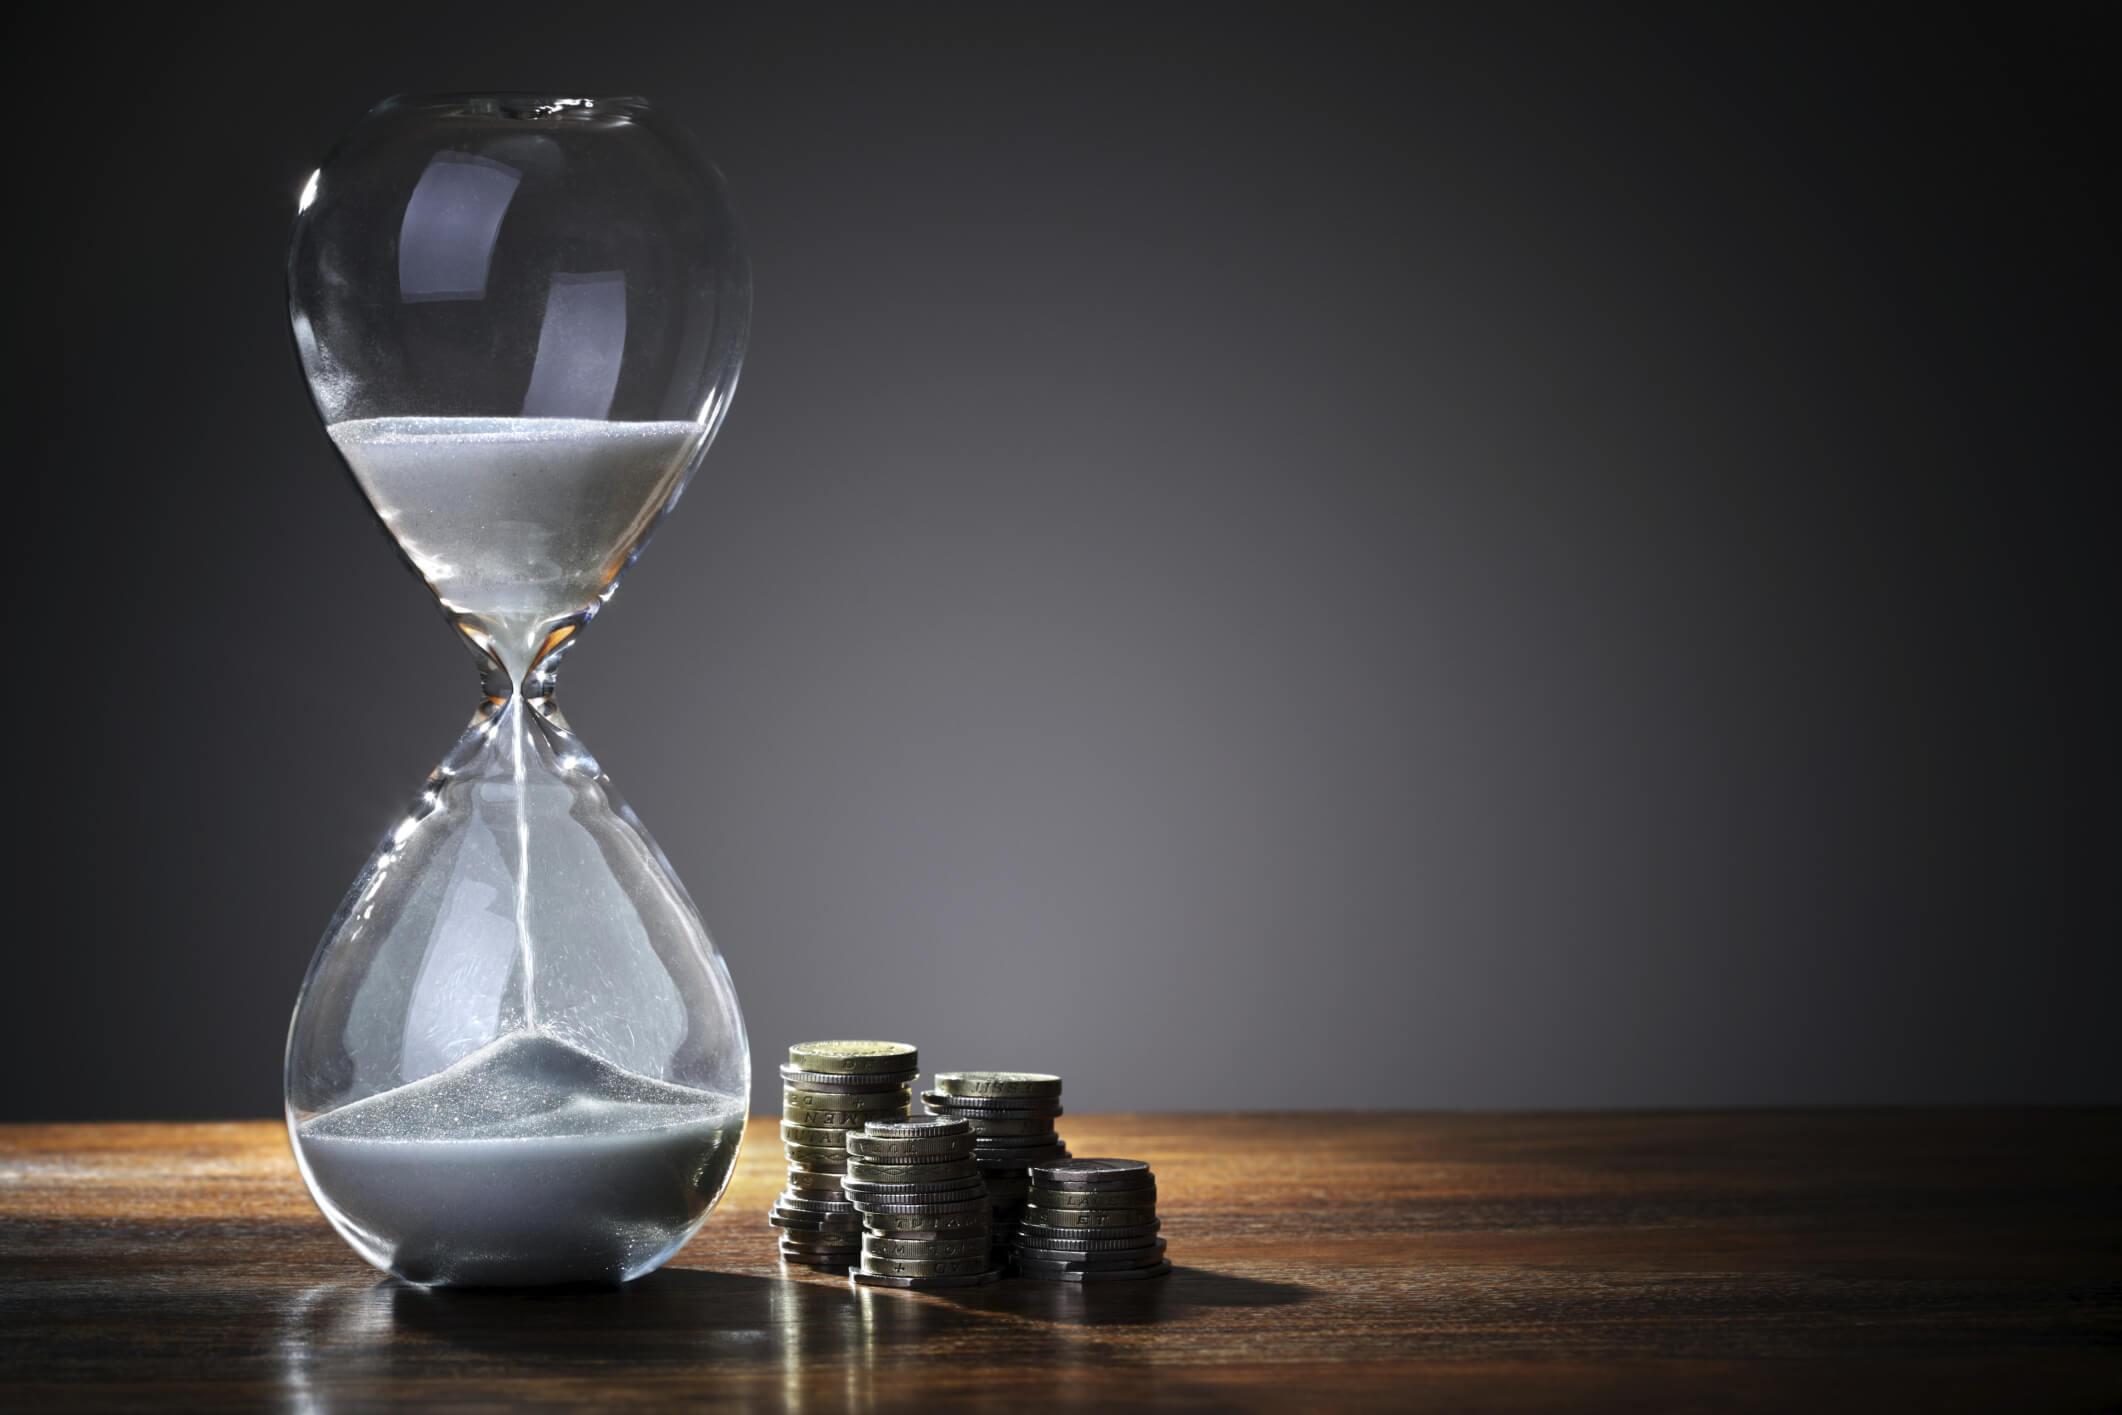 ネットビジネスで成功するためには年収よりも時間計算